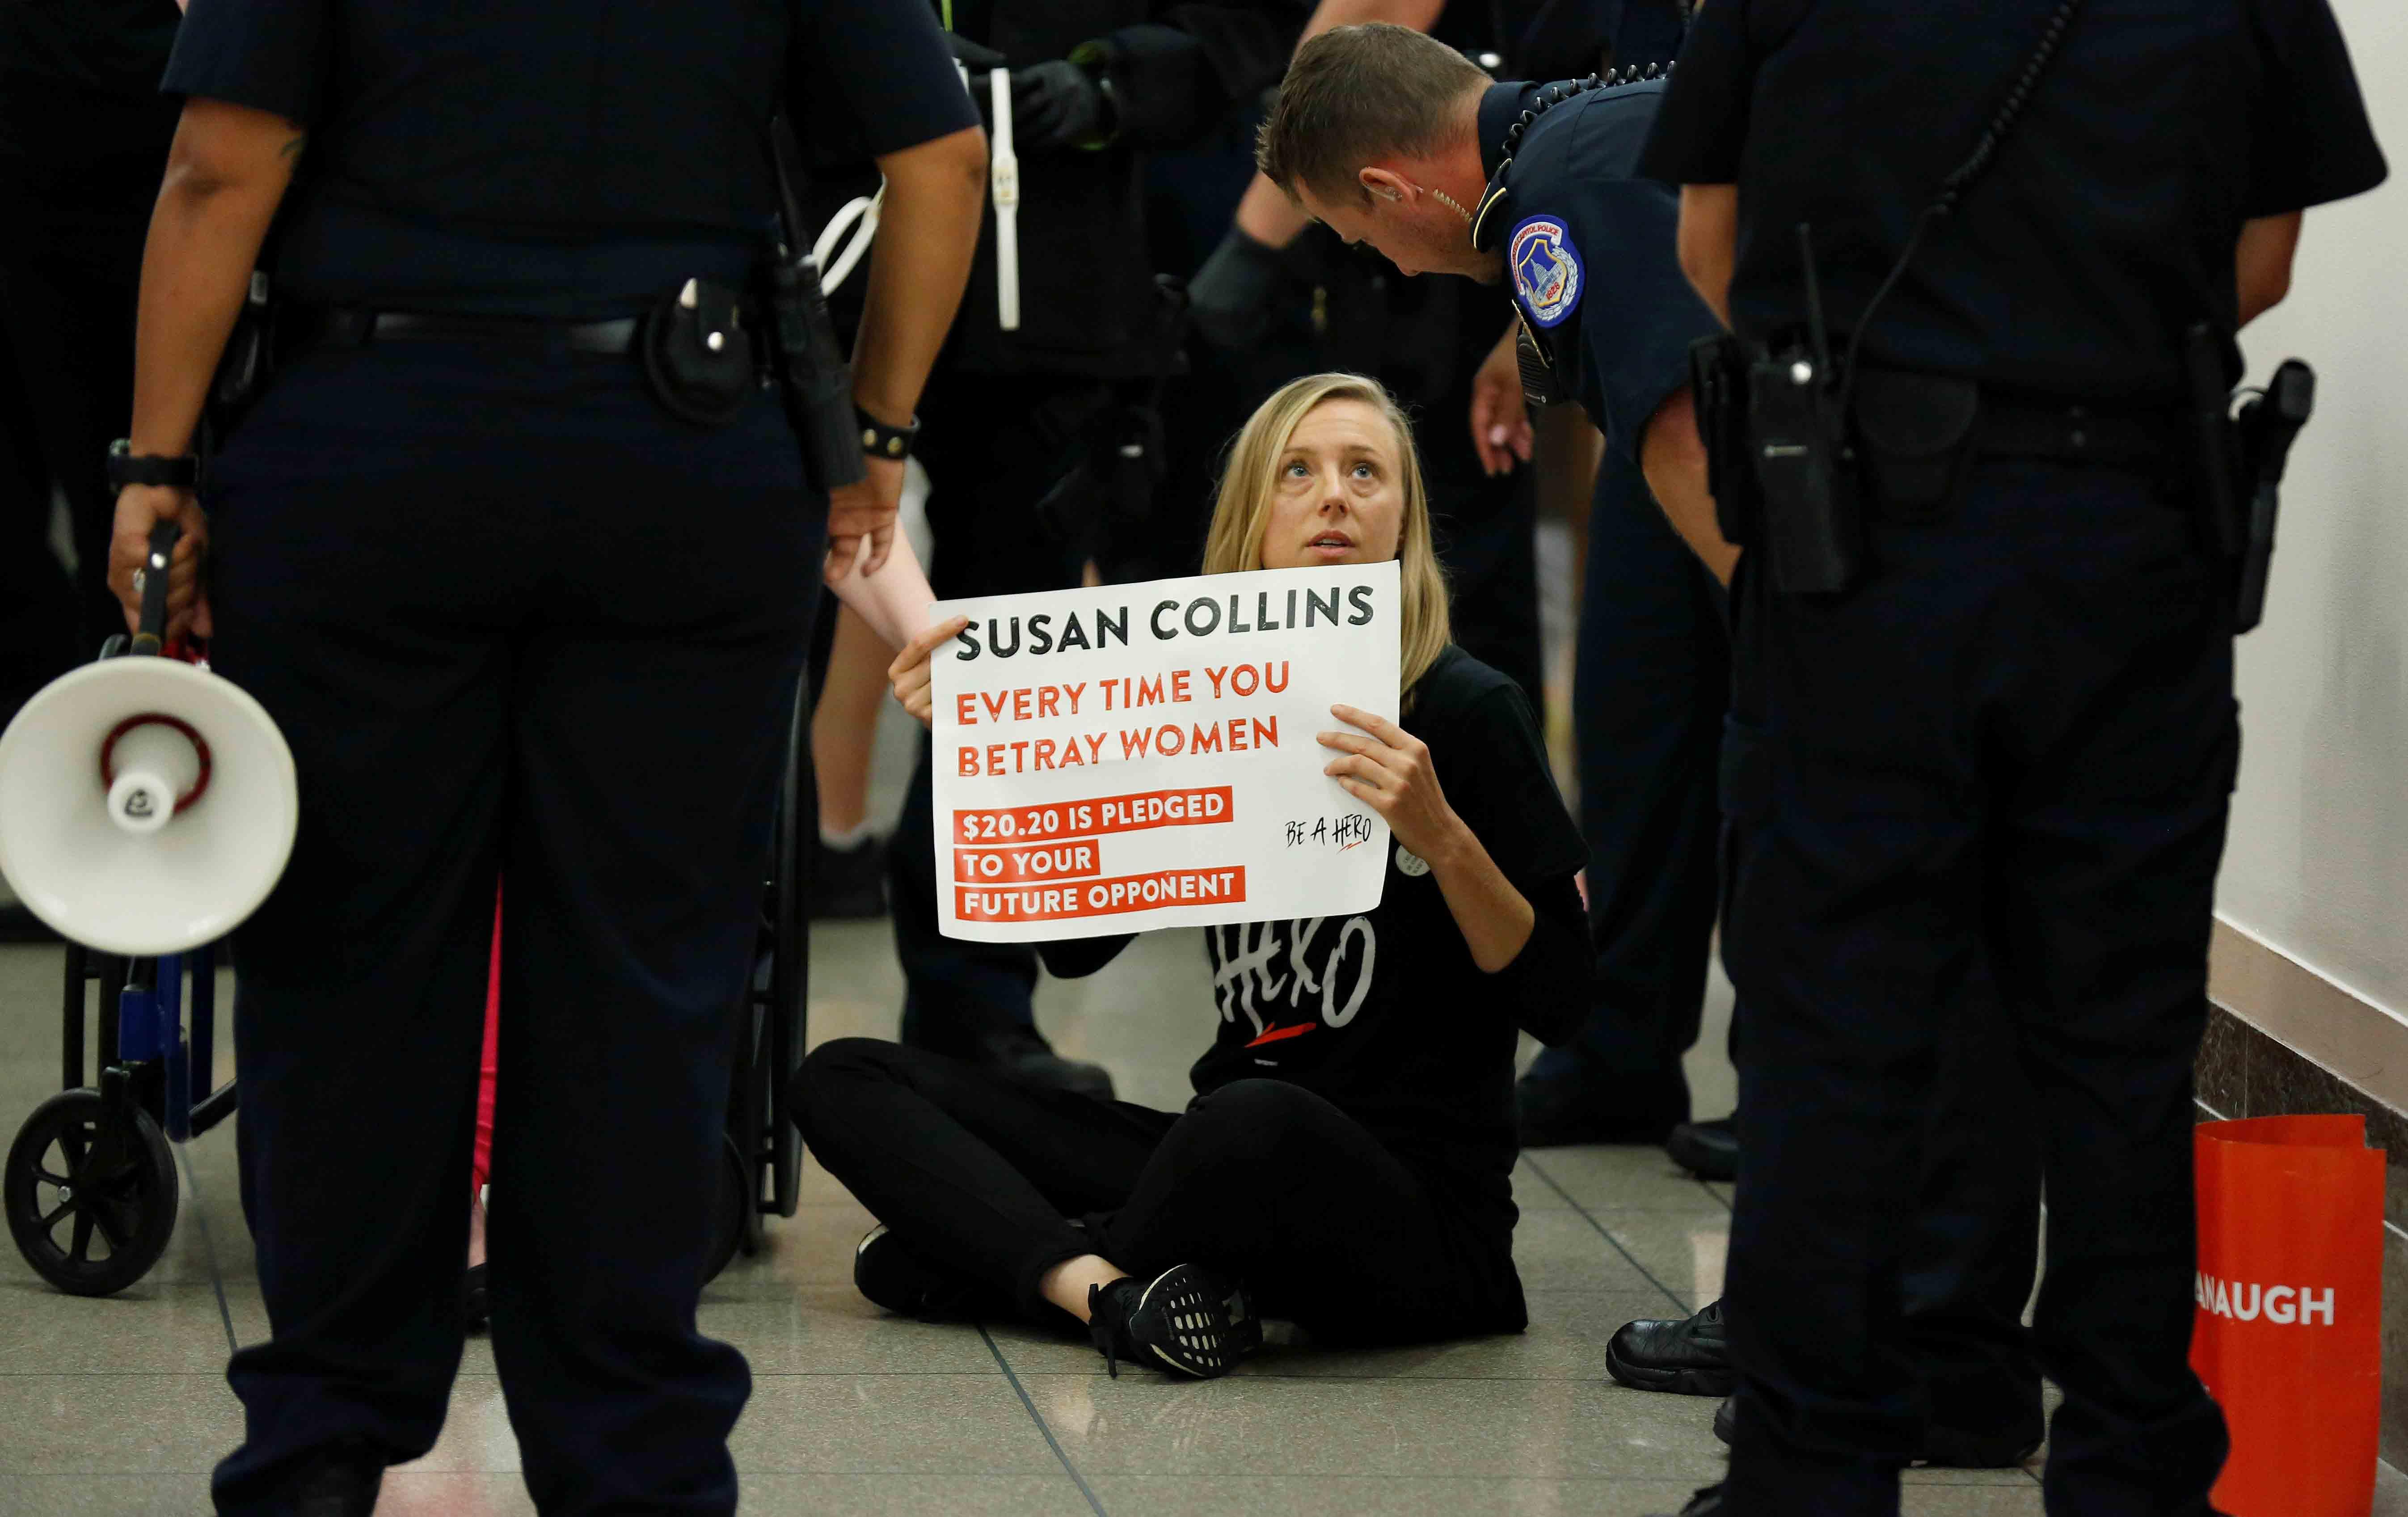 Protesting Susan Collins